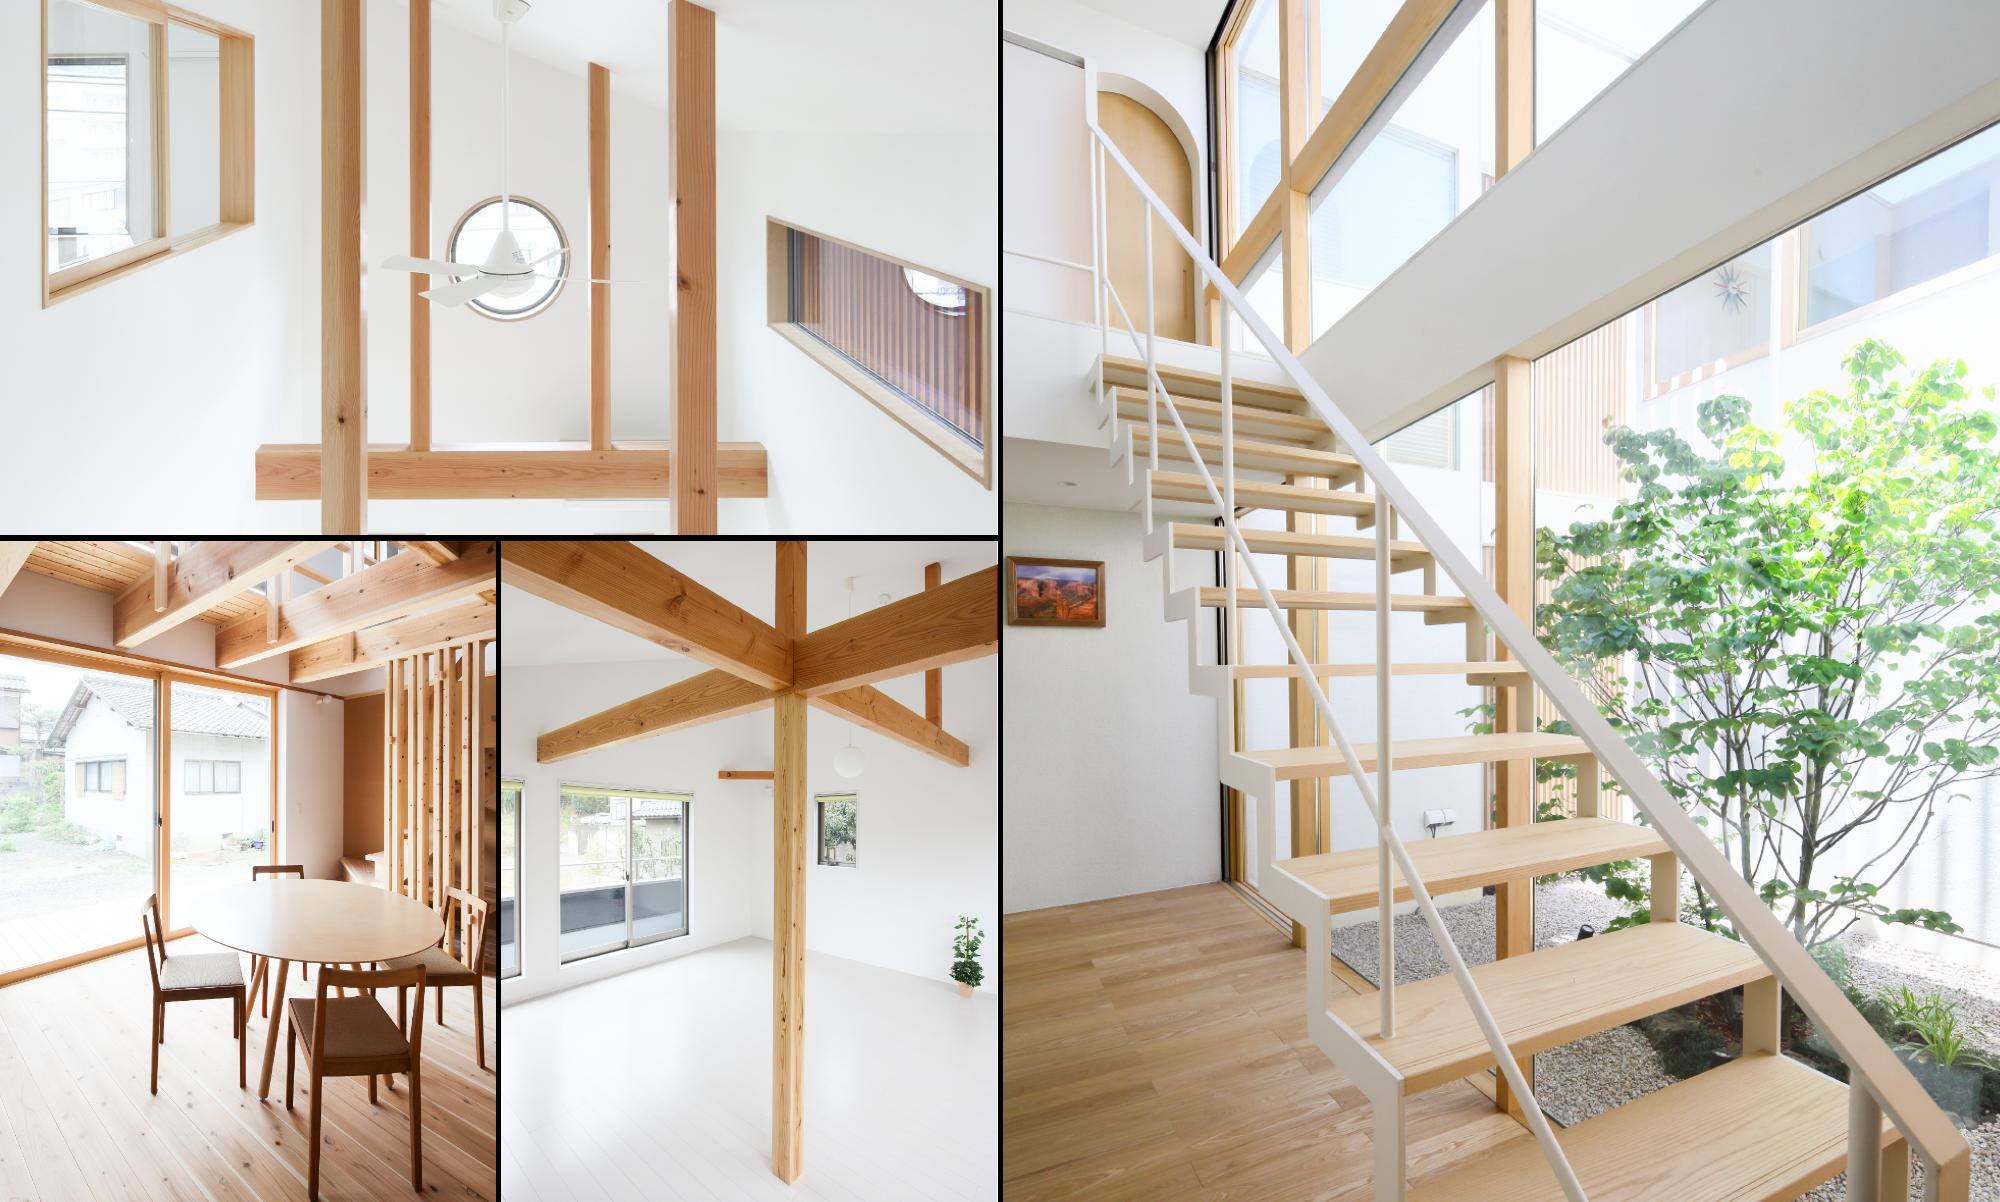 坂根工務店住宅の自然の力を利用した「明るさ」を感じる内観組写真